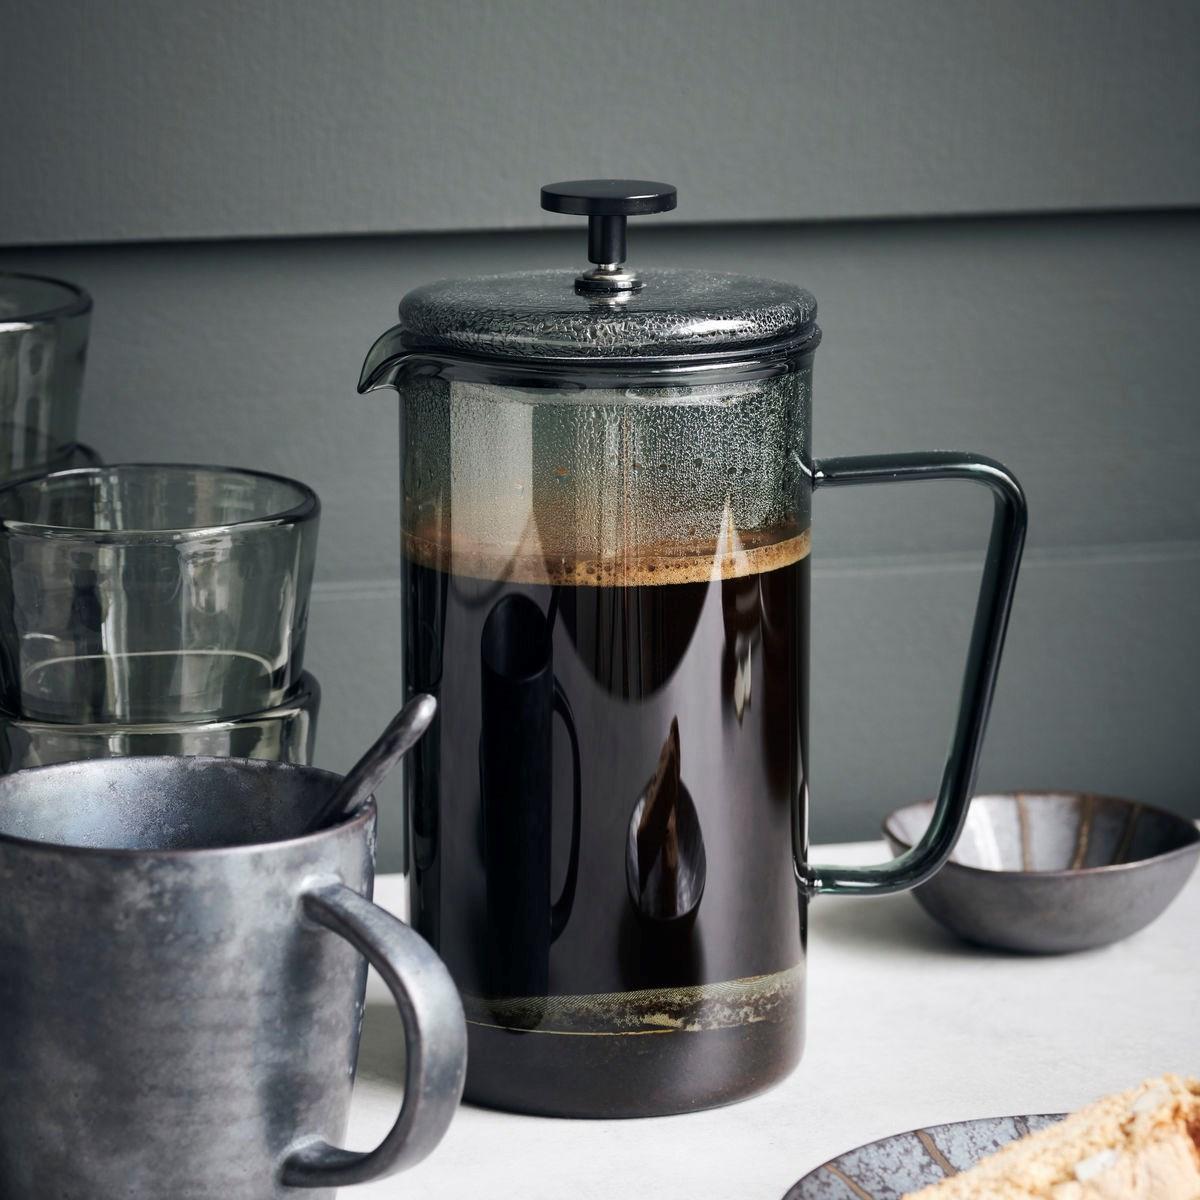 Konvice na čaj / kávu French press NURU kouřová 1 l_4